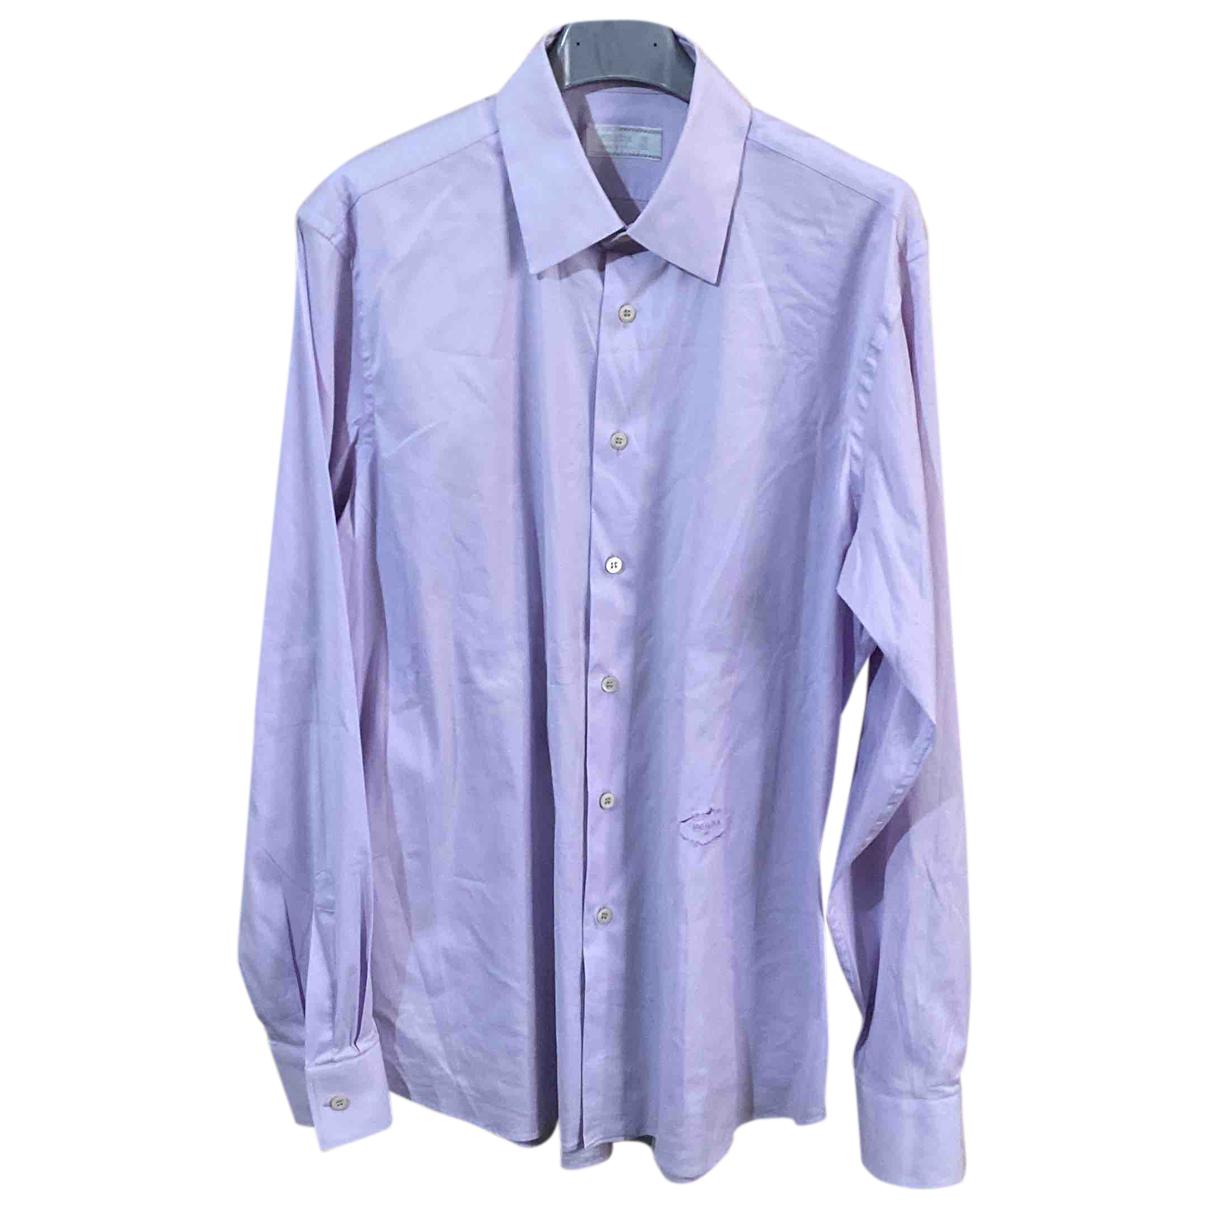 Prada N Cotton Shirts for Men 40 EU (tour de cou / collar)